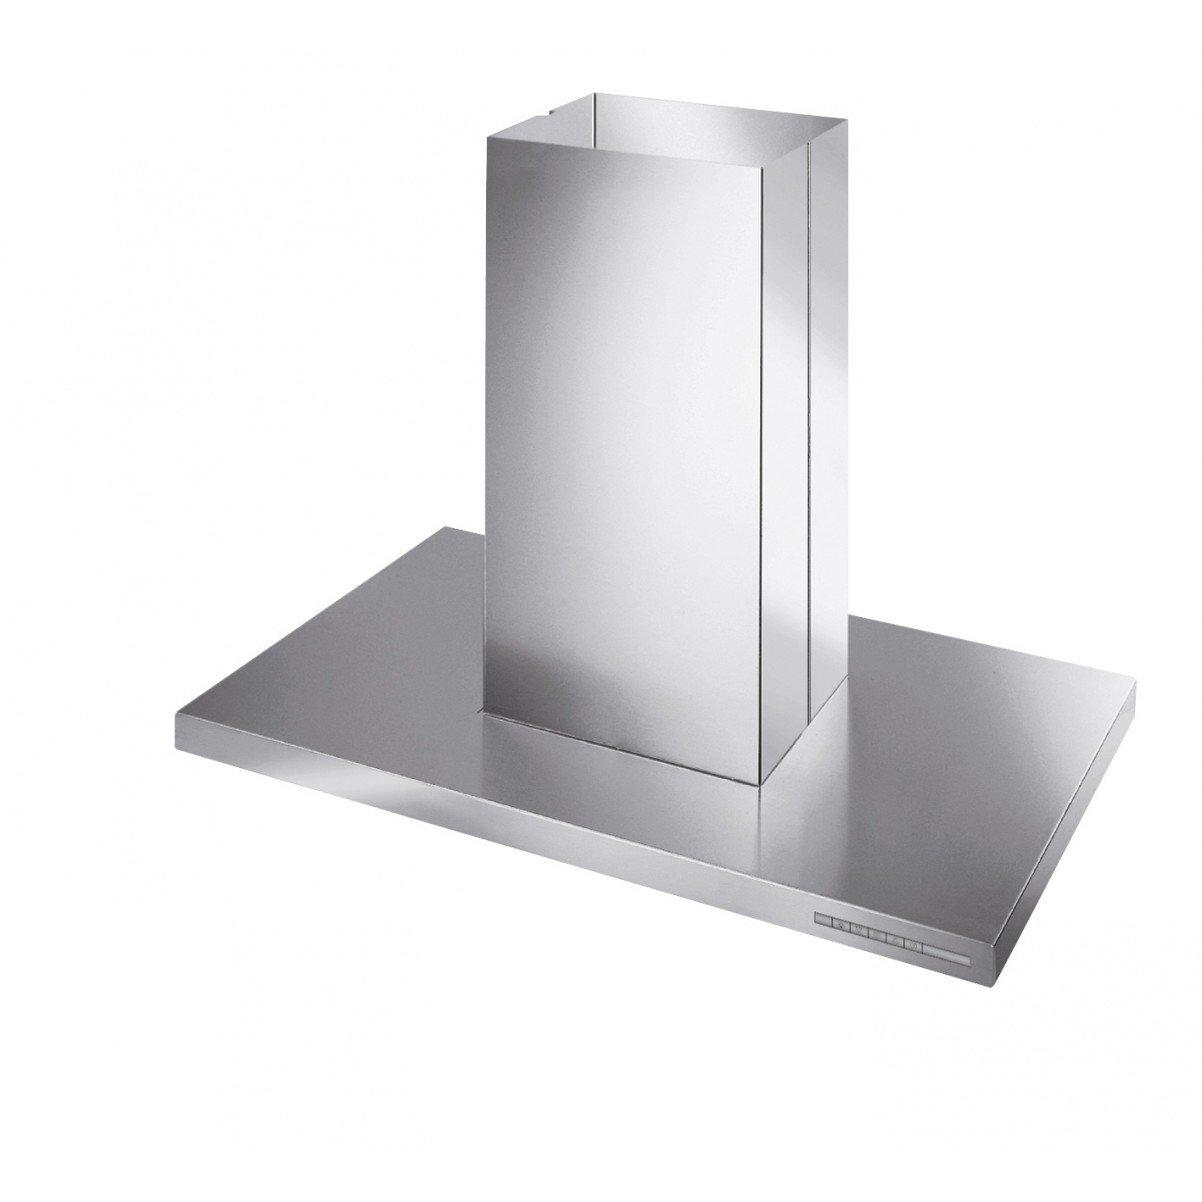 Premium line frihängande köksfläkt PROUD| 90cm,120cm|rostfritt stål AISI304